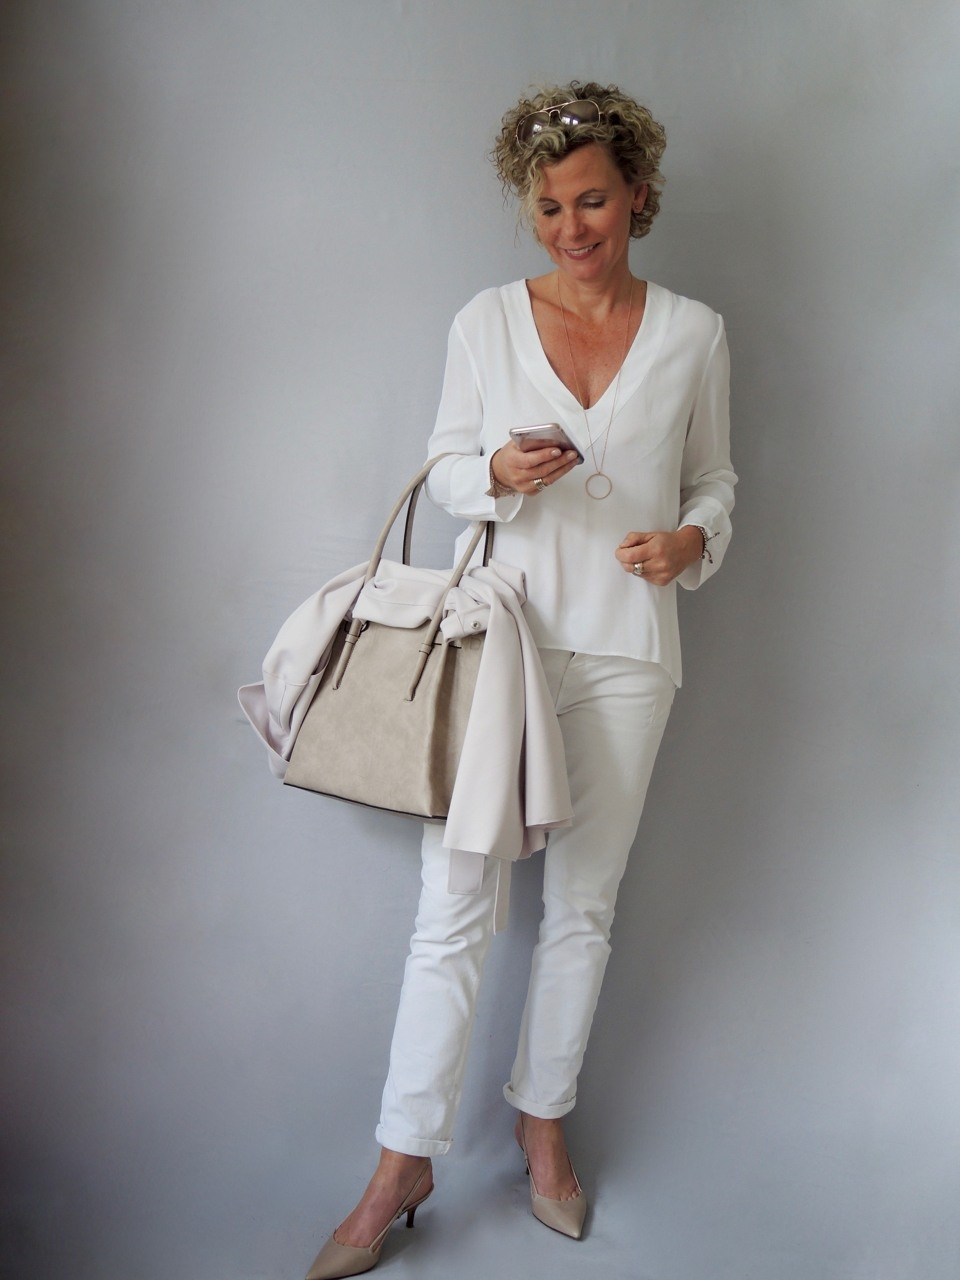 13 Elegant Kleider Für Frauen Ab 13 Boutique - Abendkleid